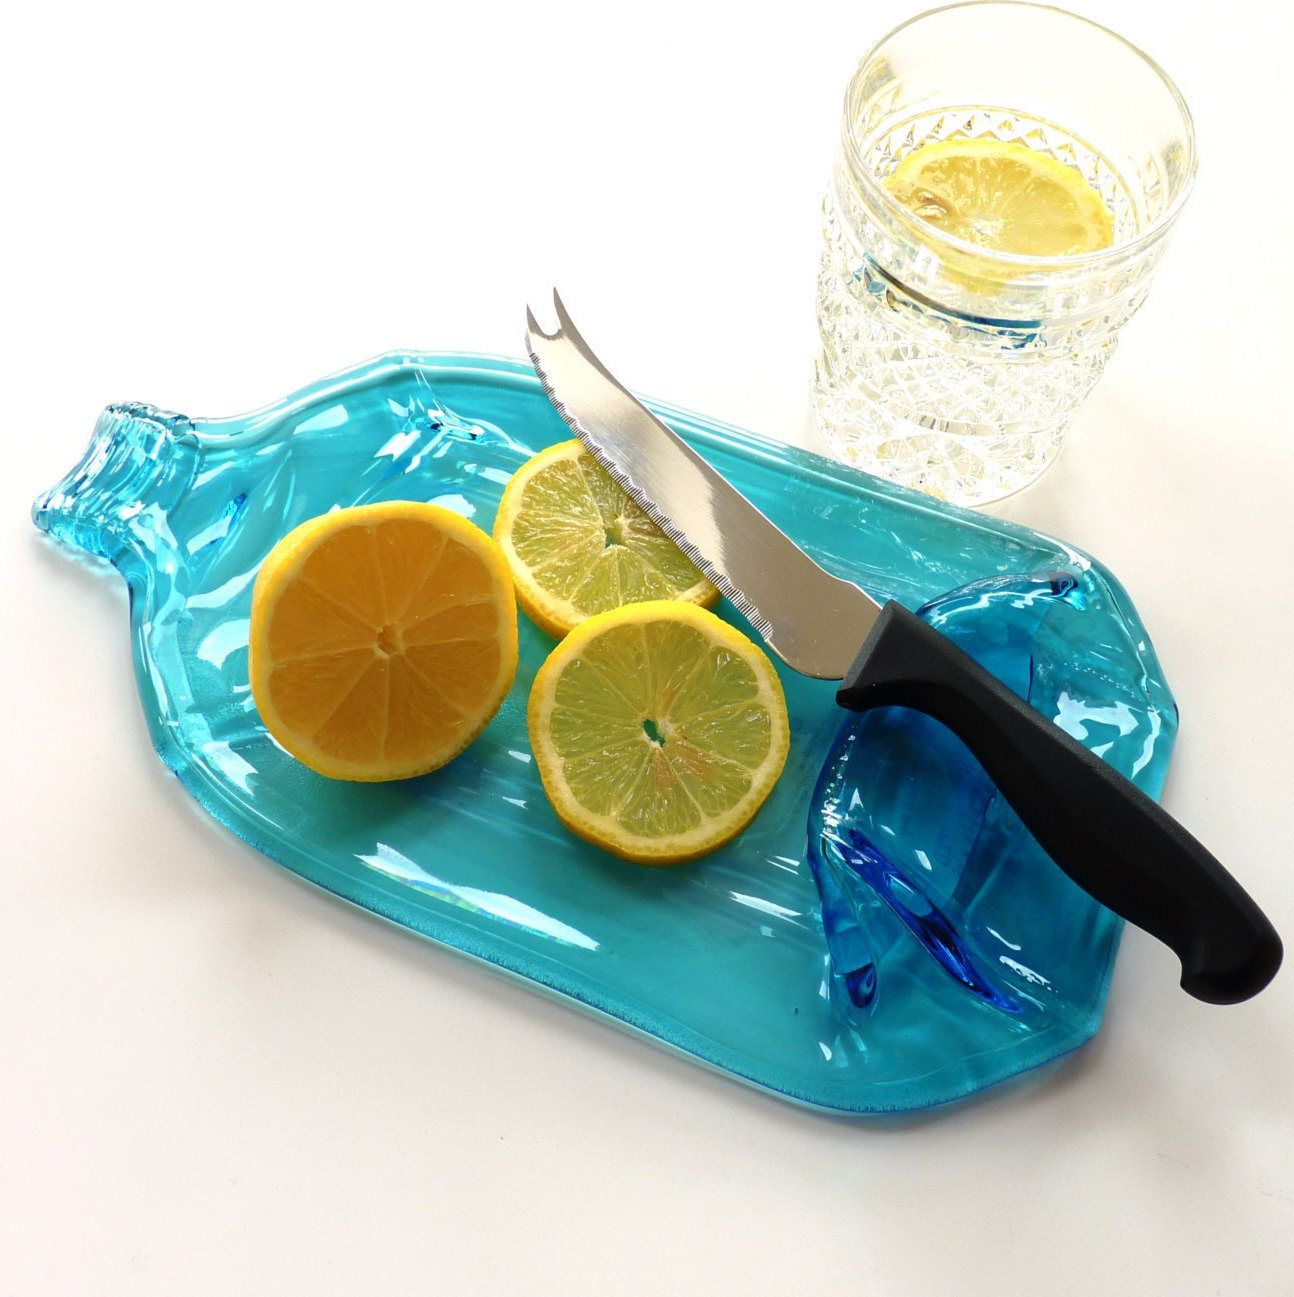 Flat bottle gin bottle cheese board blue glass bottle